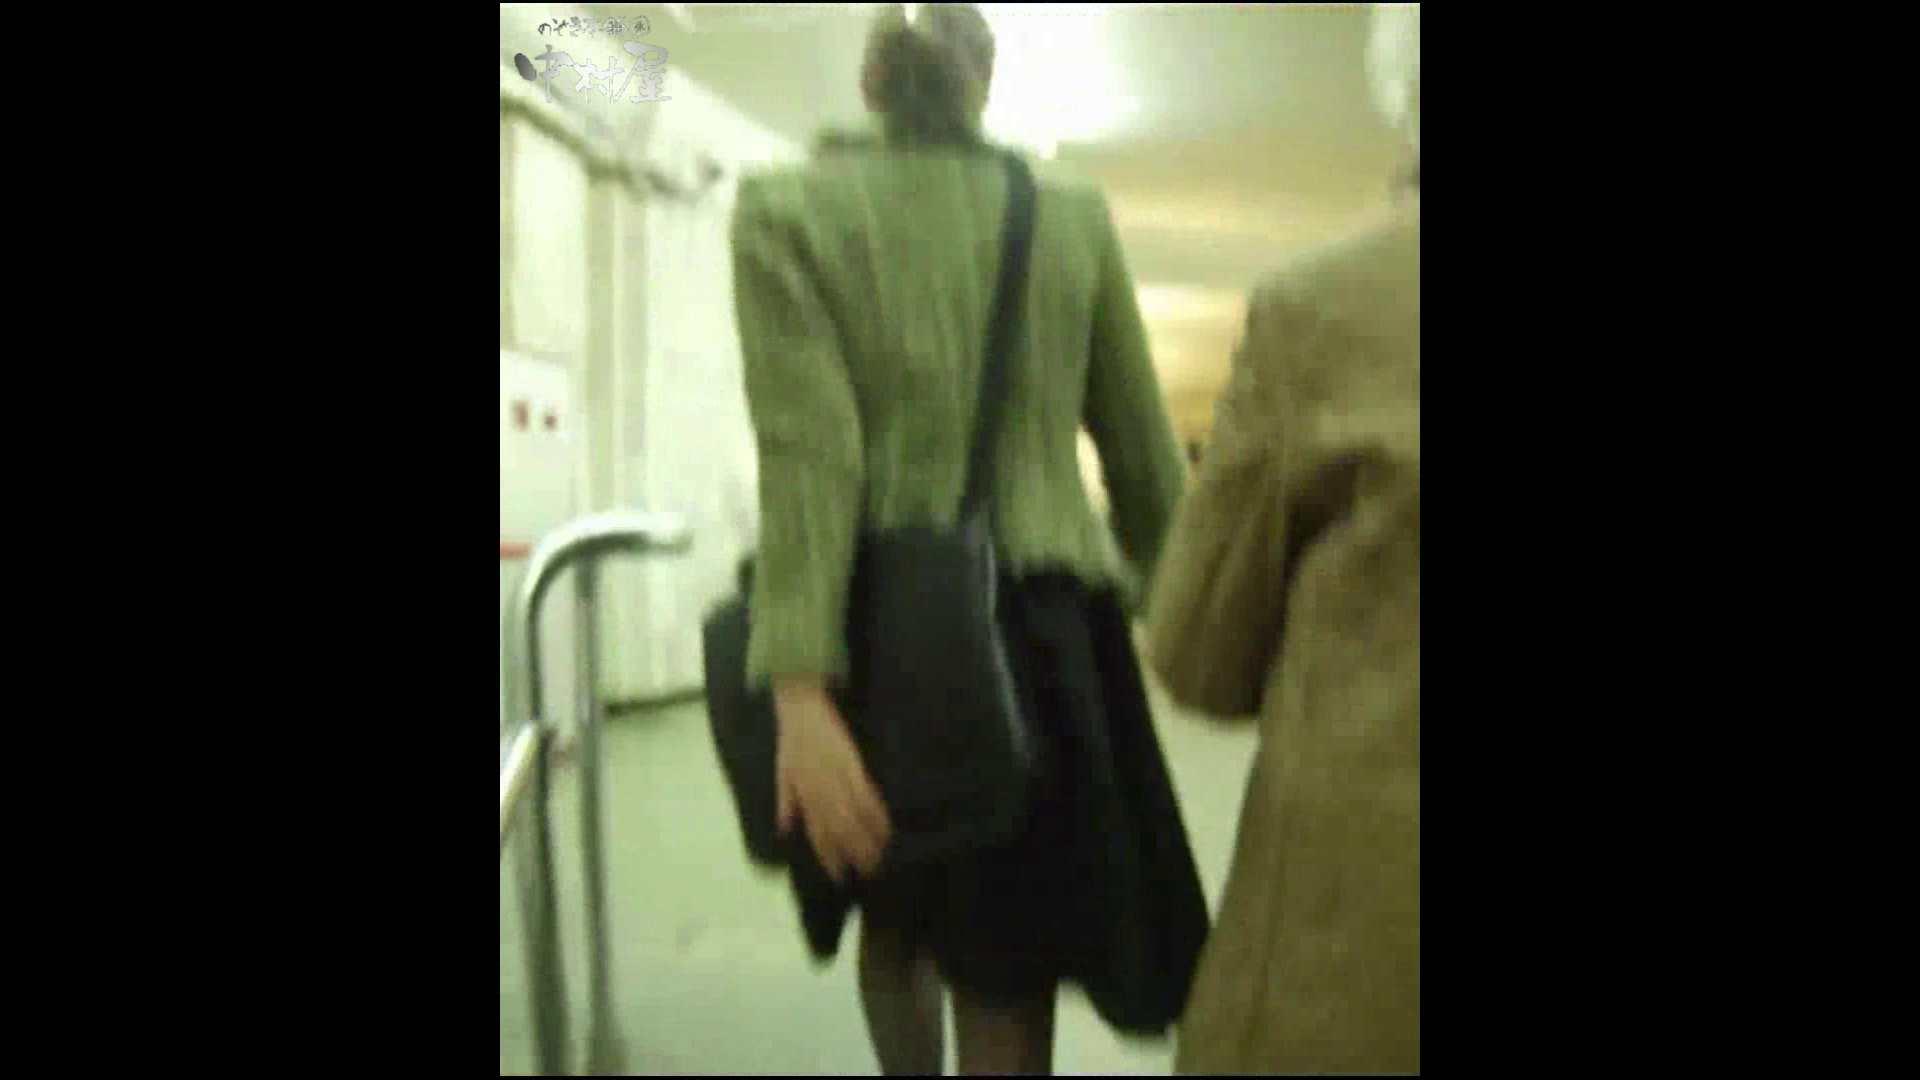 綺麗なモデルさんのスカート捲っちゃおう‼ vol12 モデルヌード   Hなお姉さん  93pic 10